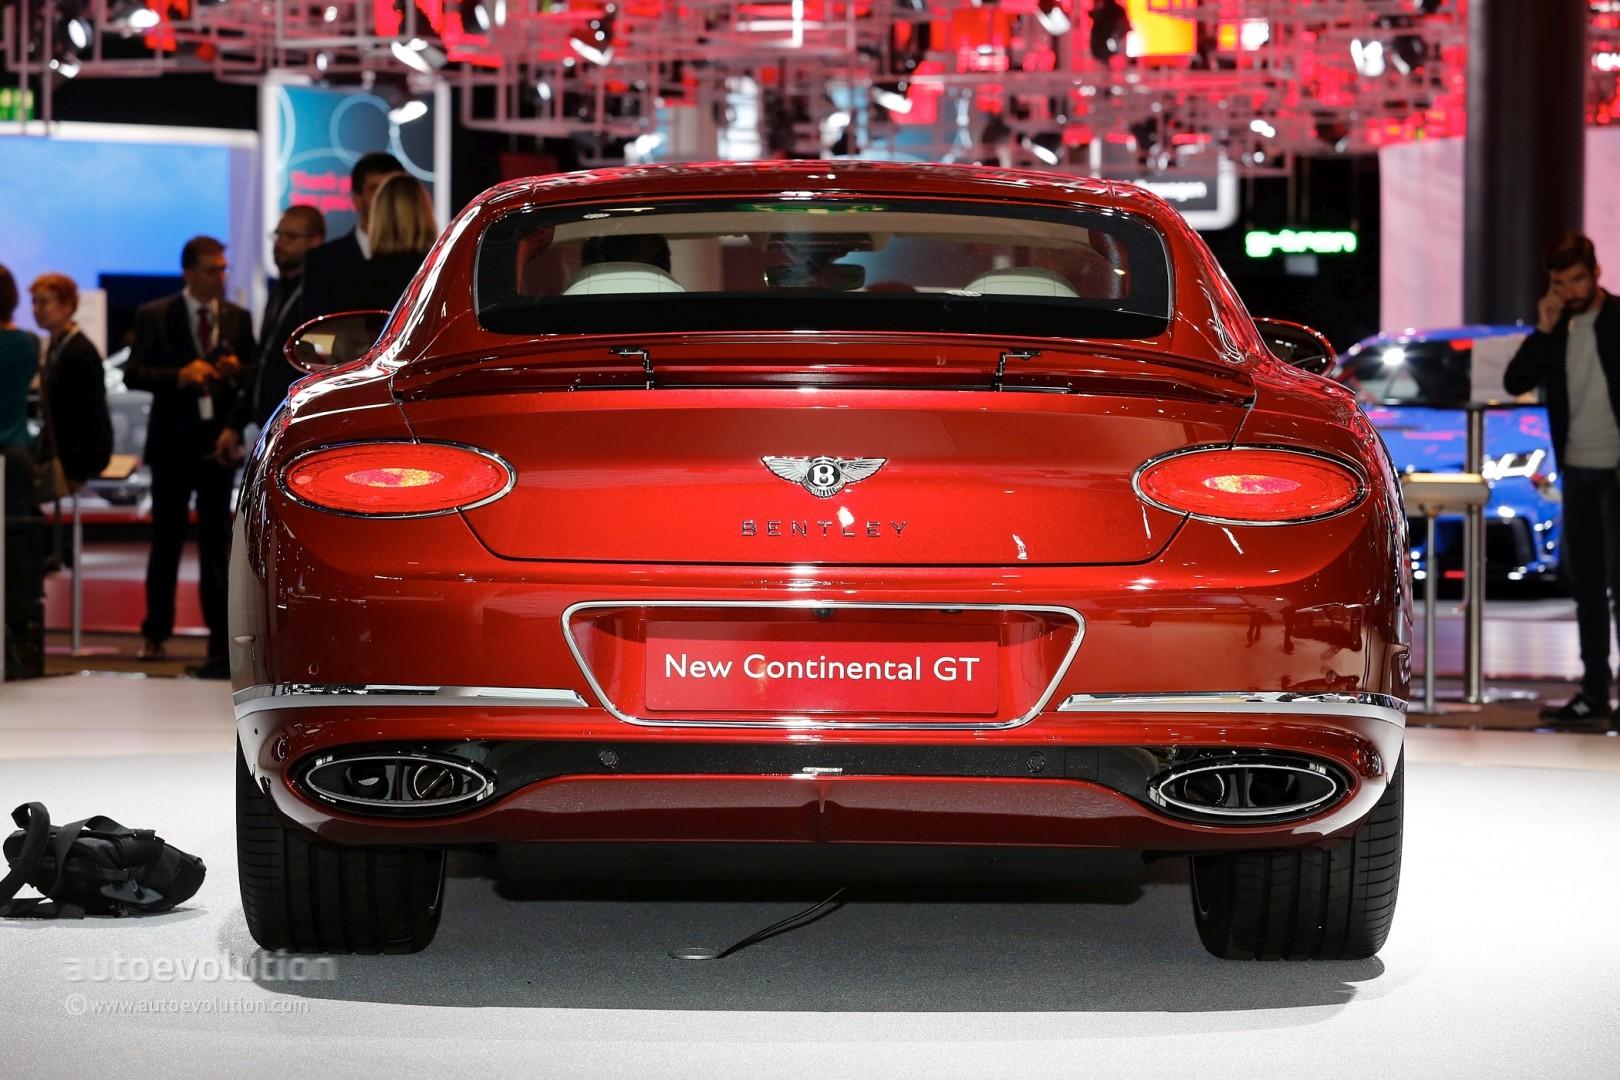 В Российской Федерации  стартовали продажи купе Бентли  континенталь  GT